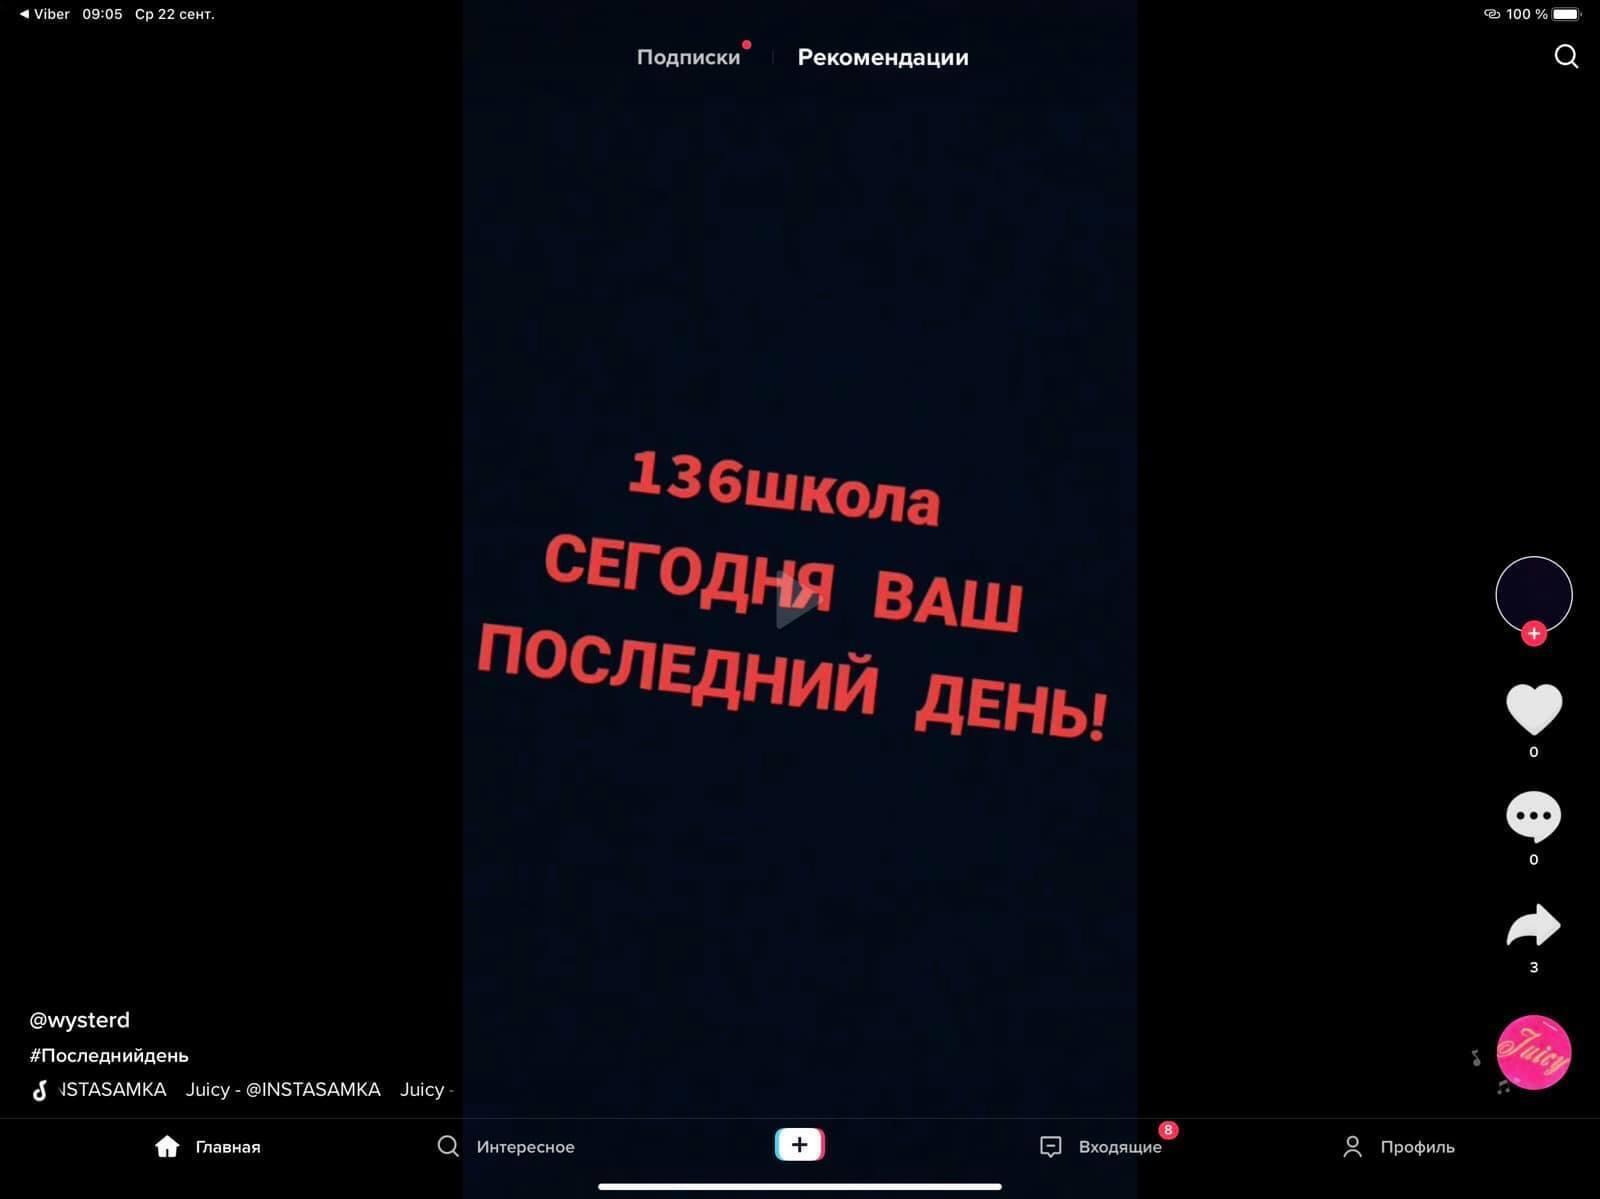 Невідомий поширив відео з погрозами школі